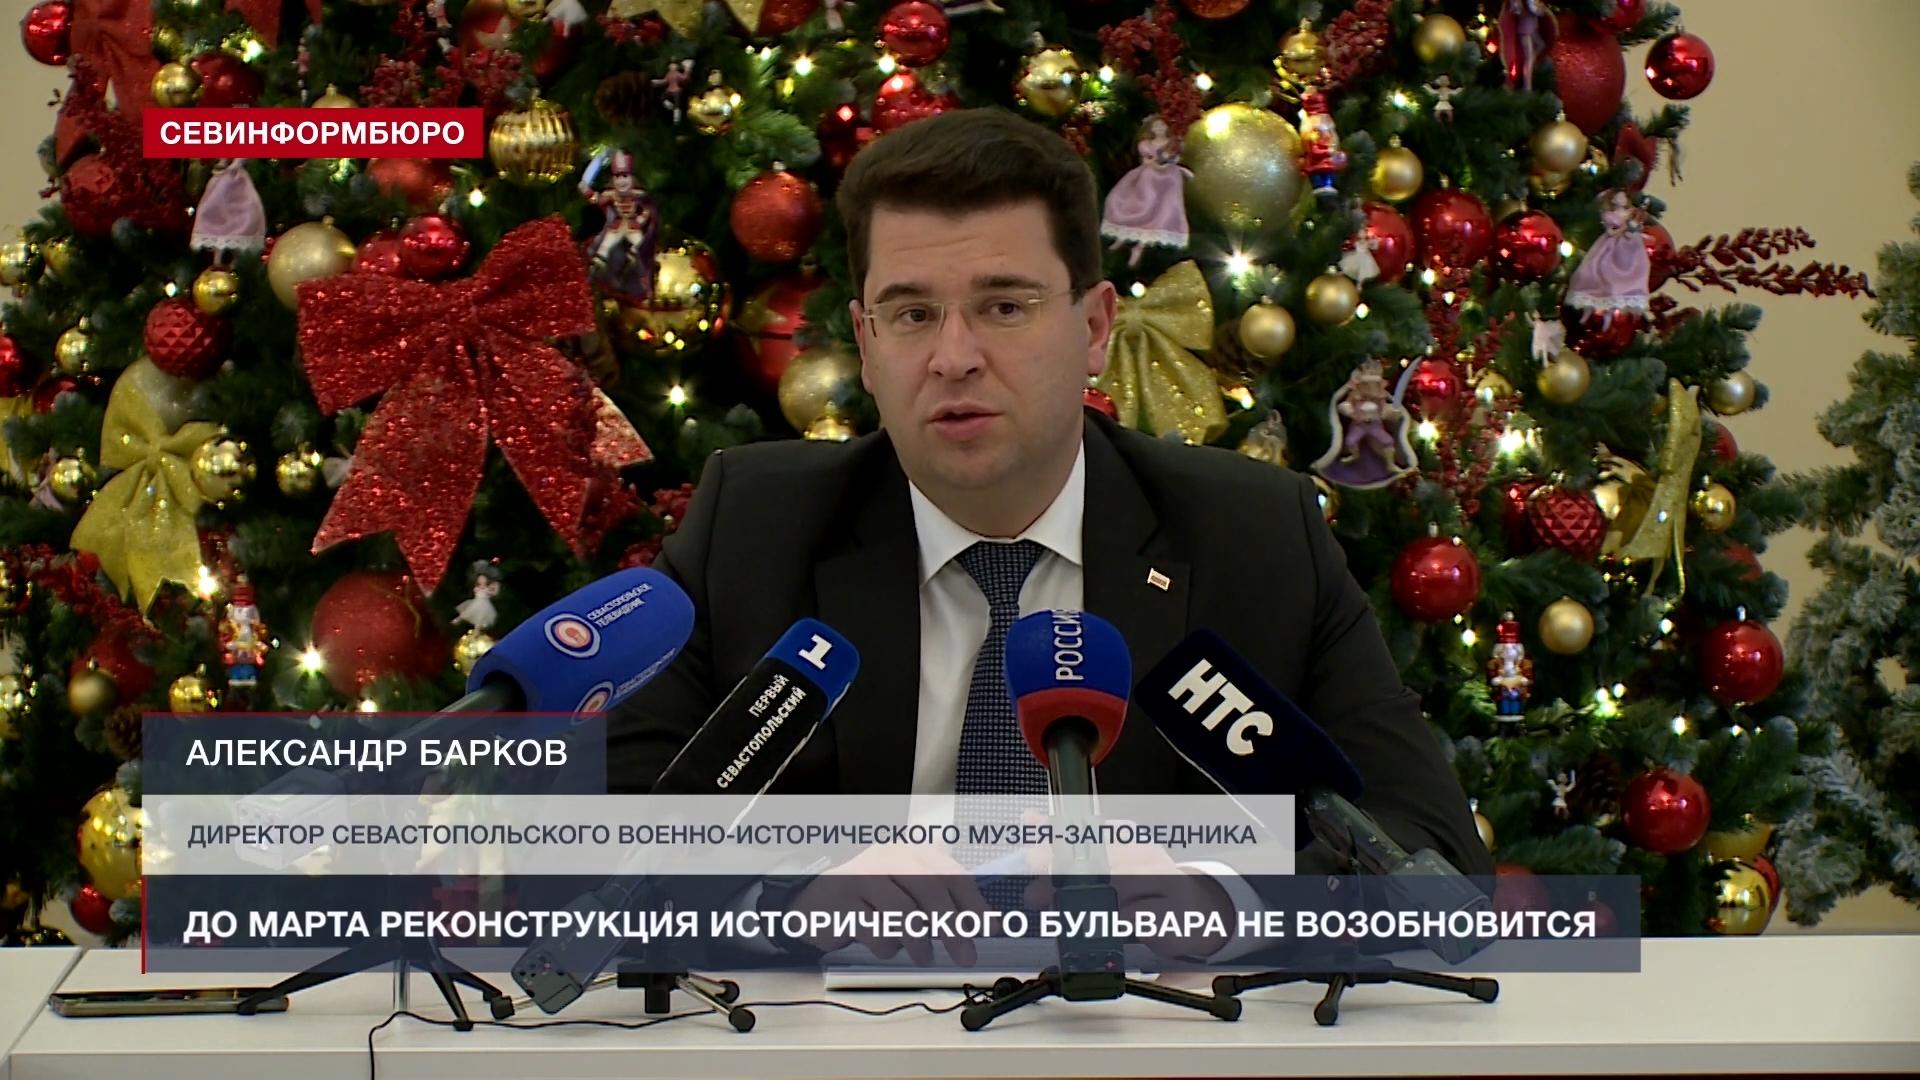 20201227_15-33-Основные события недели в Севастополе- 21 - 27 декабря-pic1